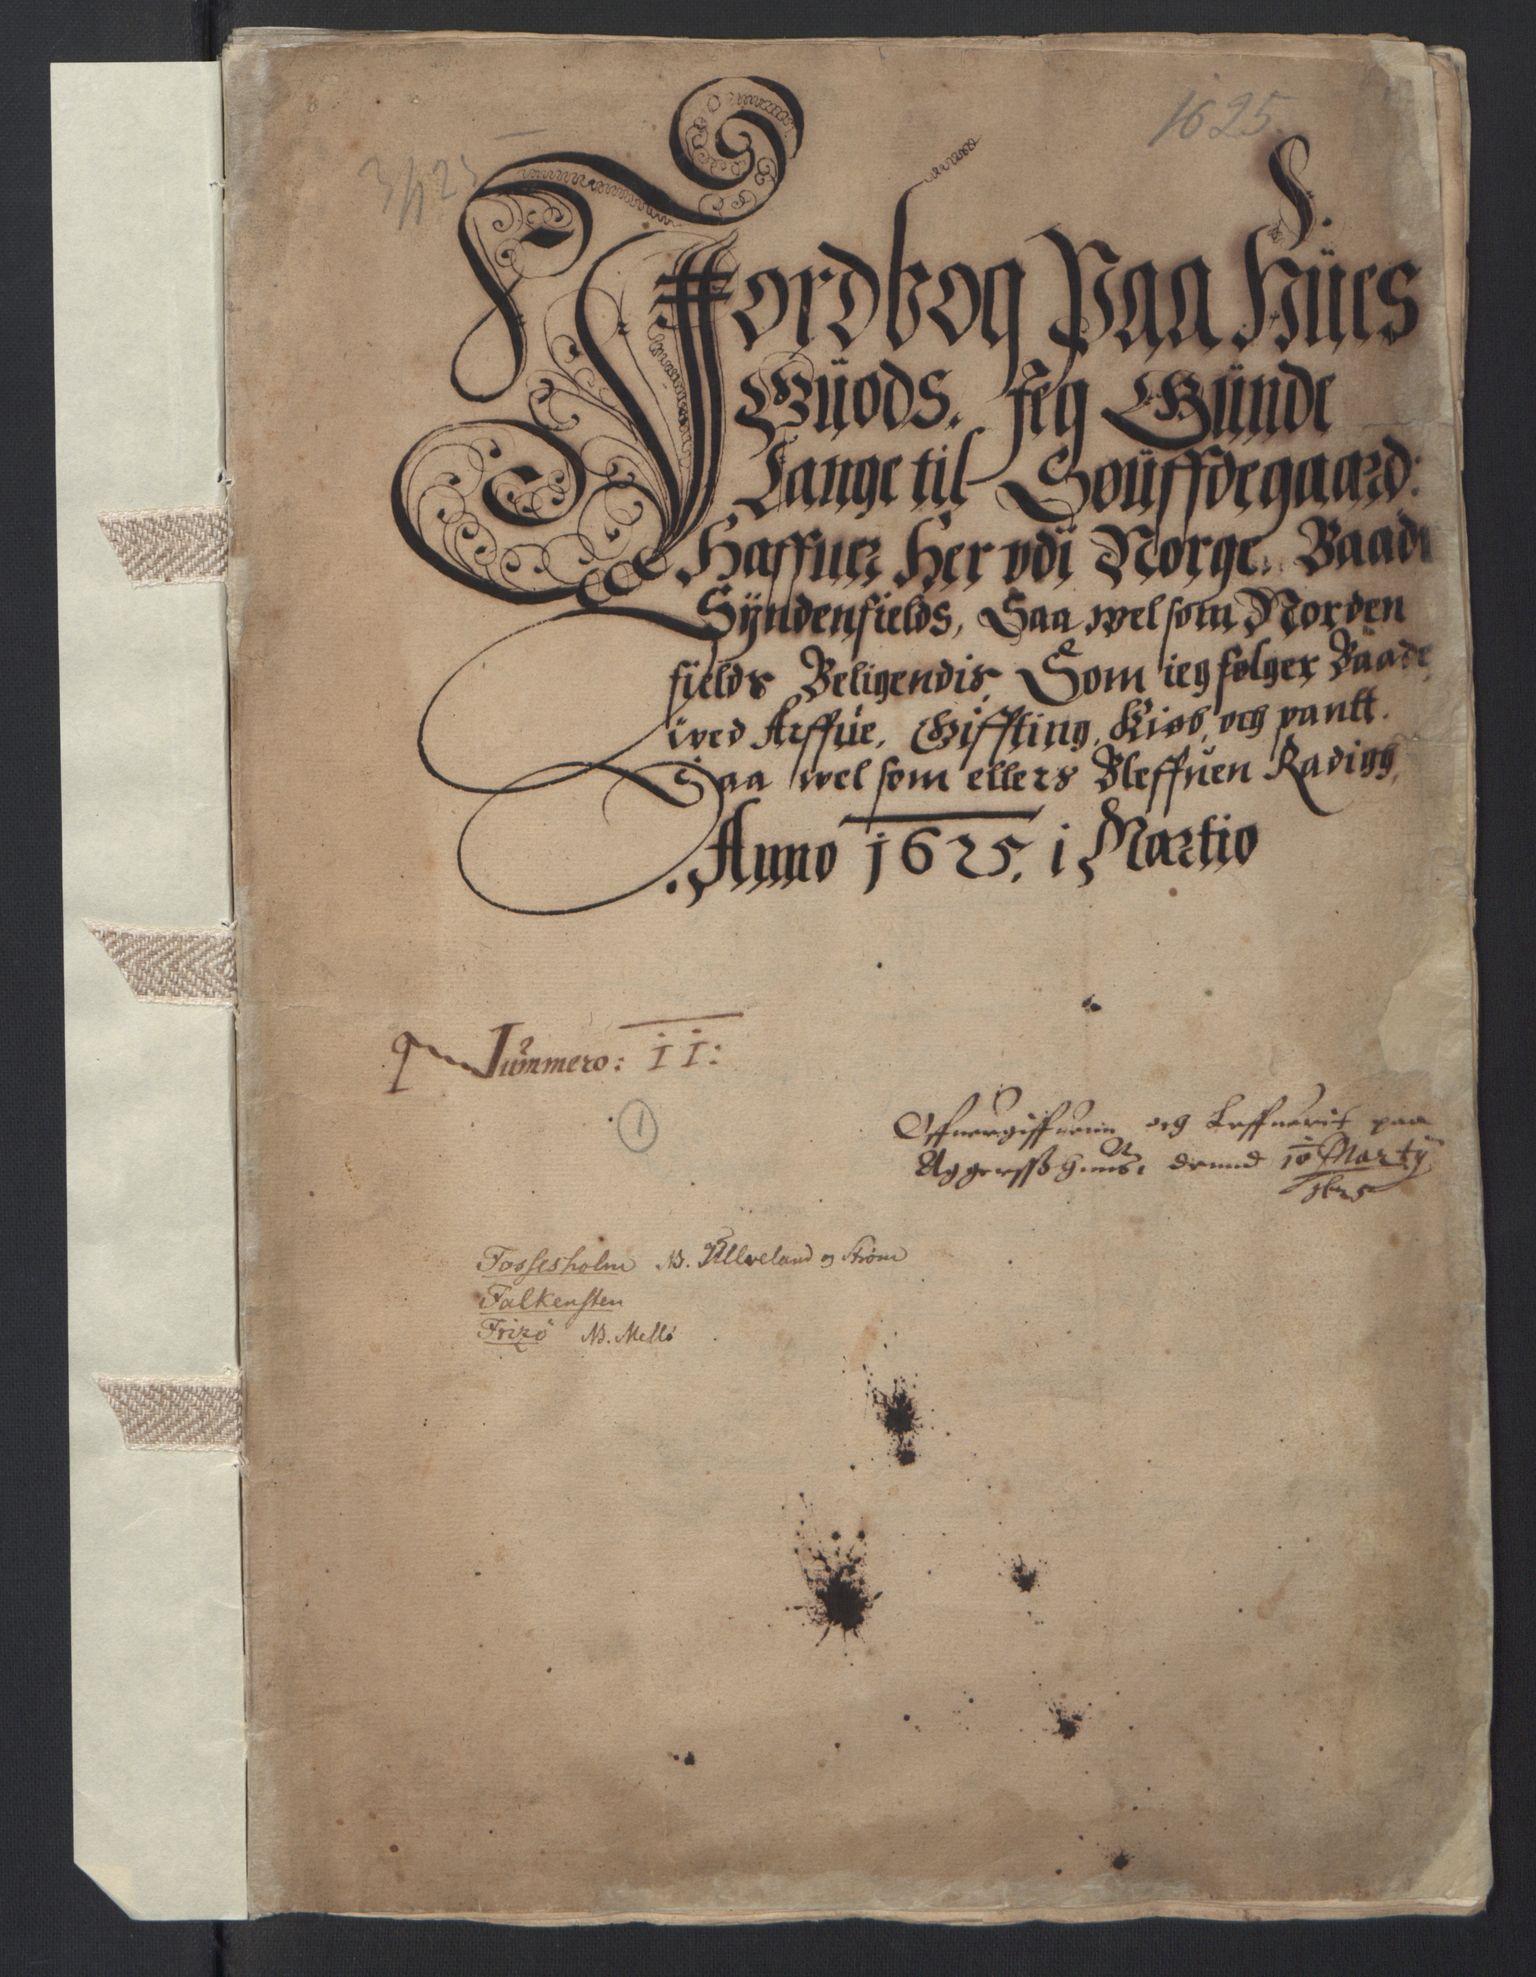 RA, Stattholderembetet 1572-1771, Ek/L0007: Jordebøker til utlikning av rosstjeneste 1624-1626:, 1624-1625, s. 55